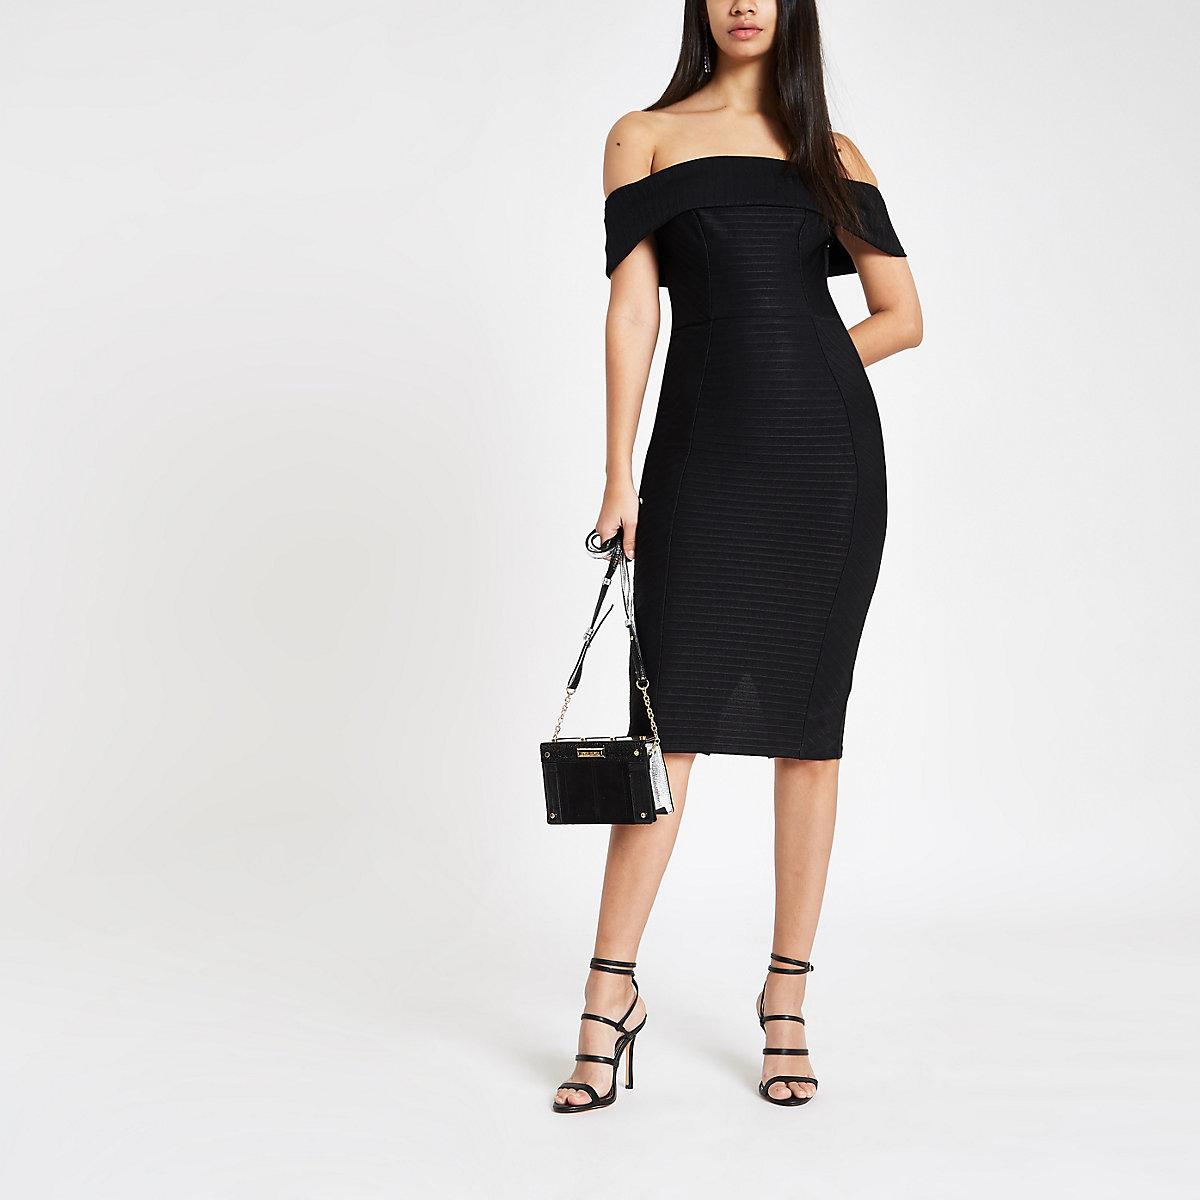 Robe courte Bardot ajustée noire à bande